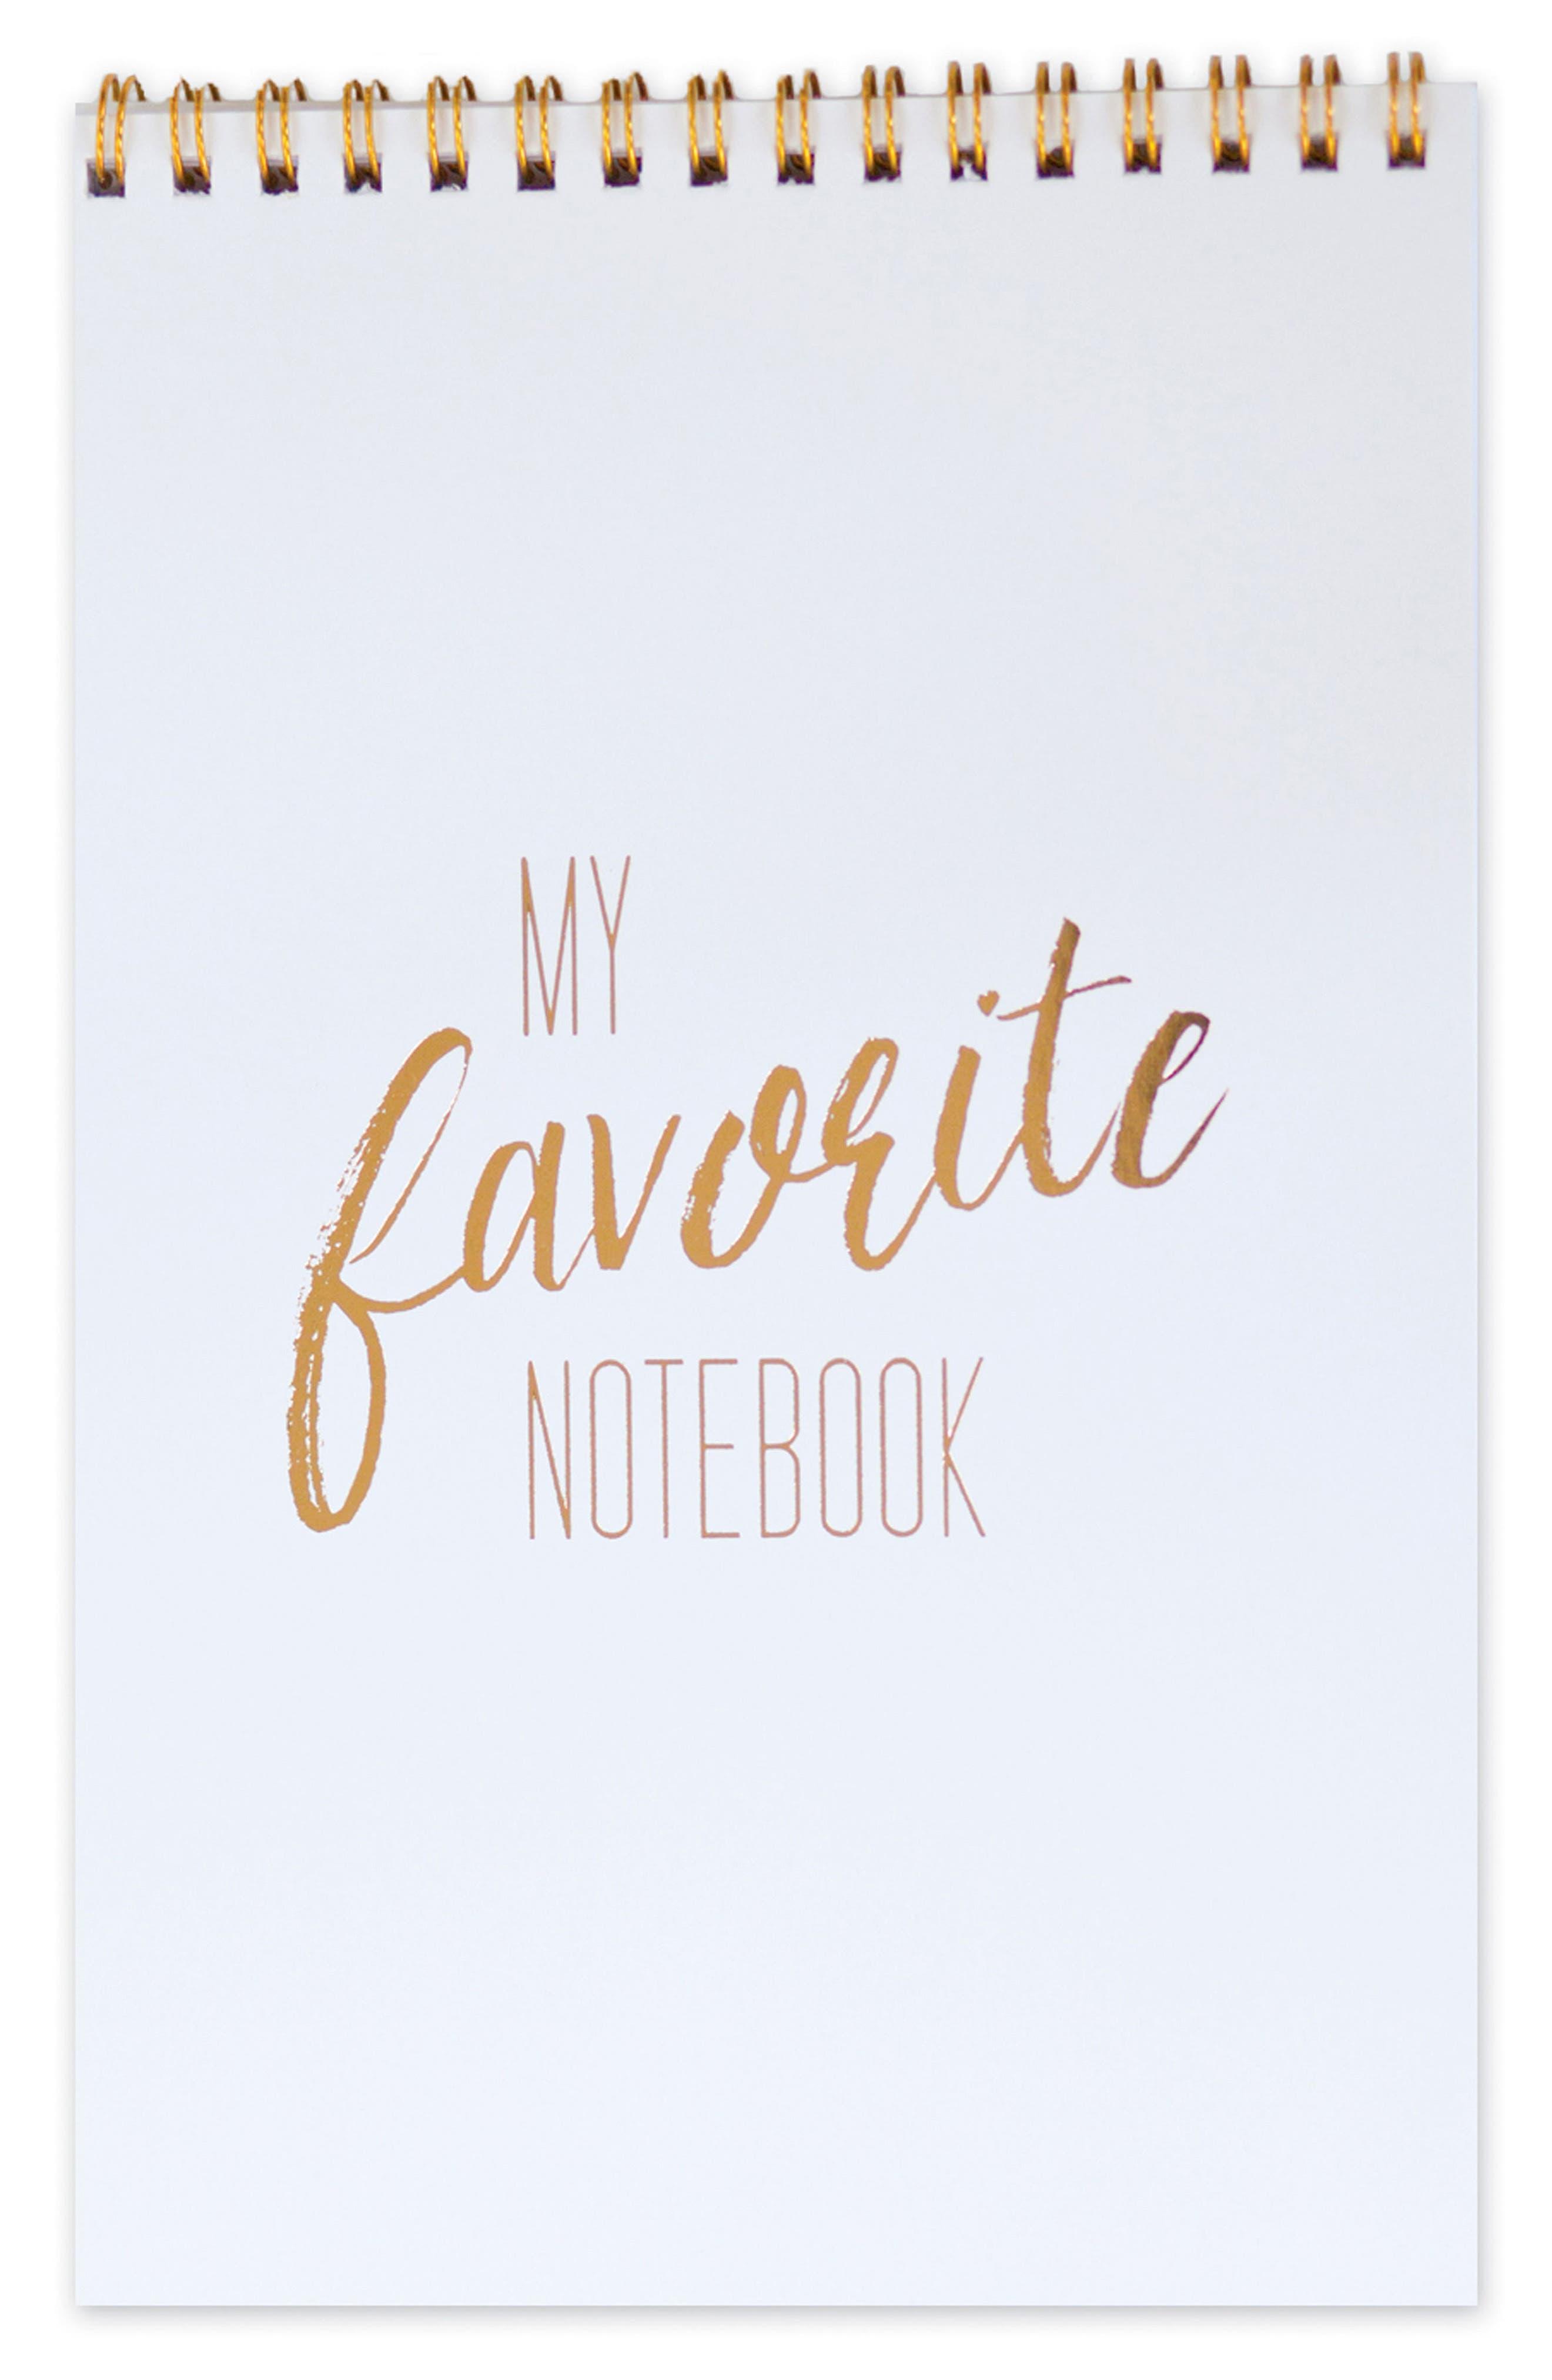 The Pink Orange My Favorite Spiral Notebook